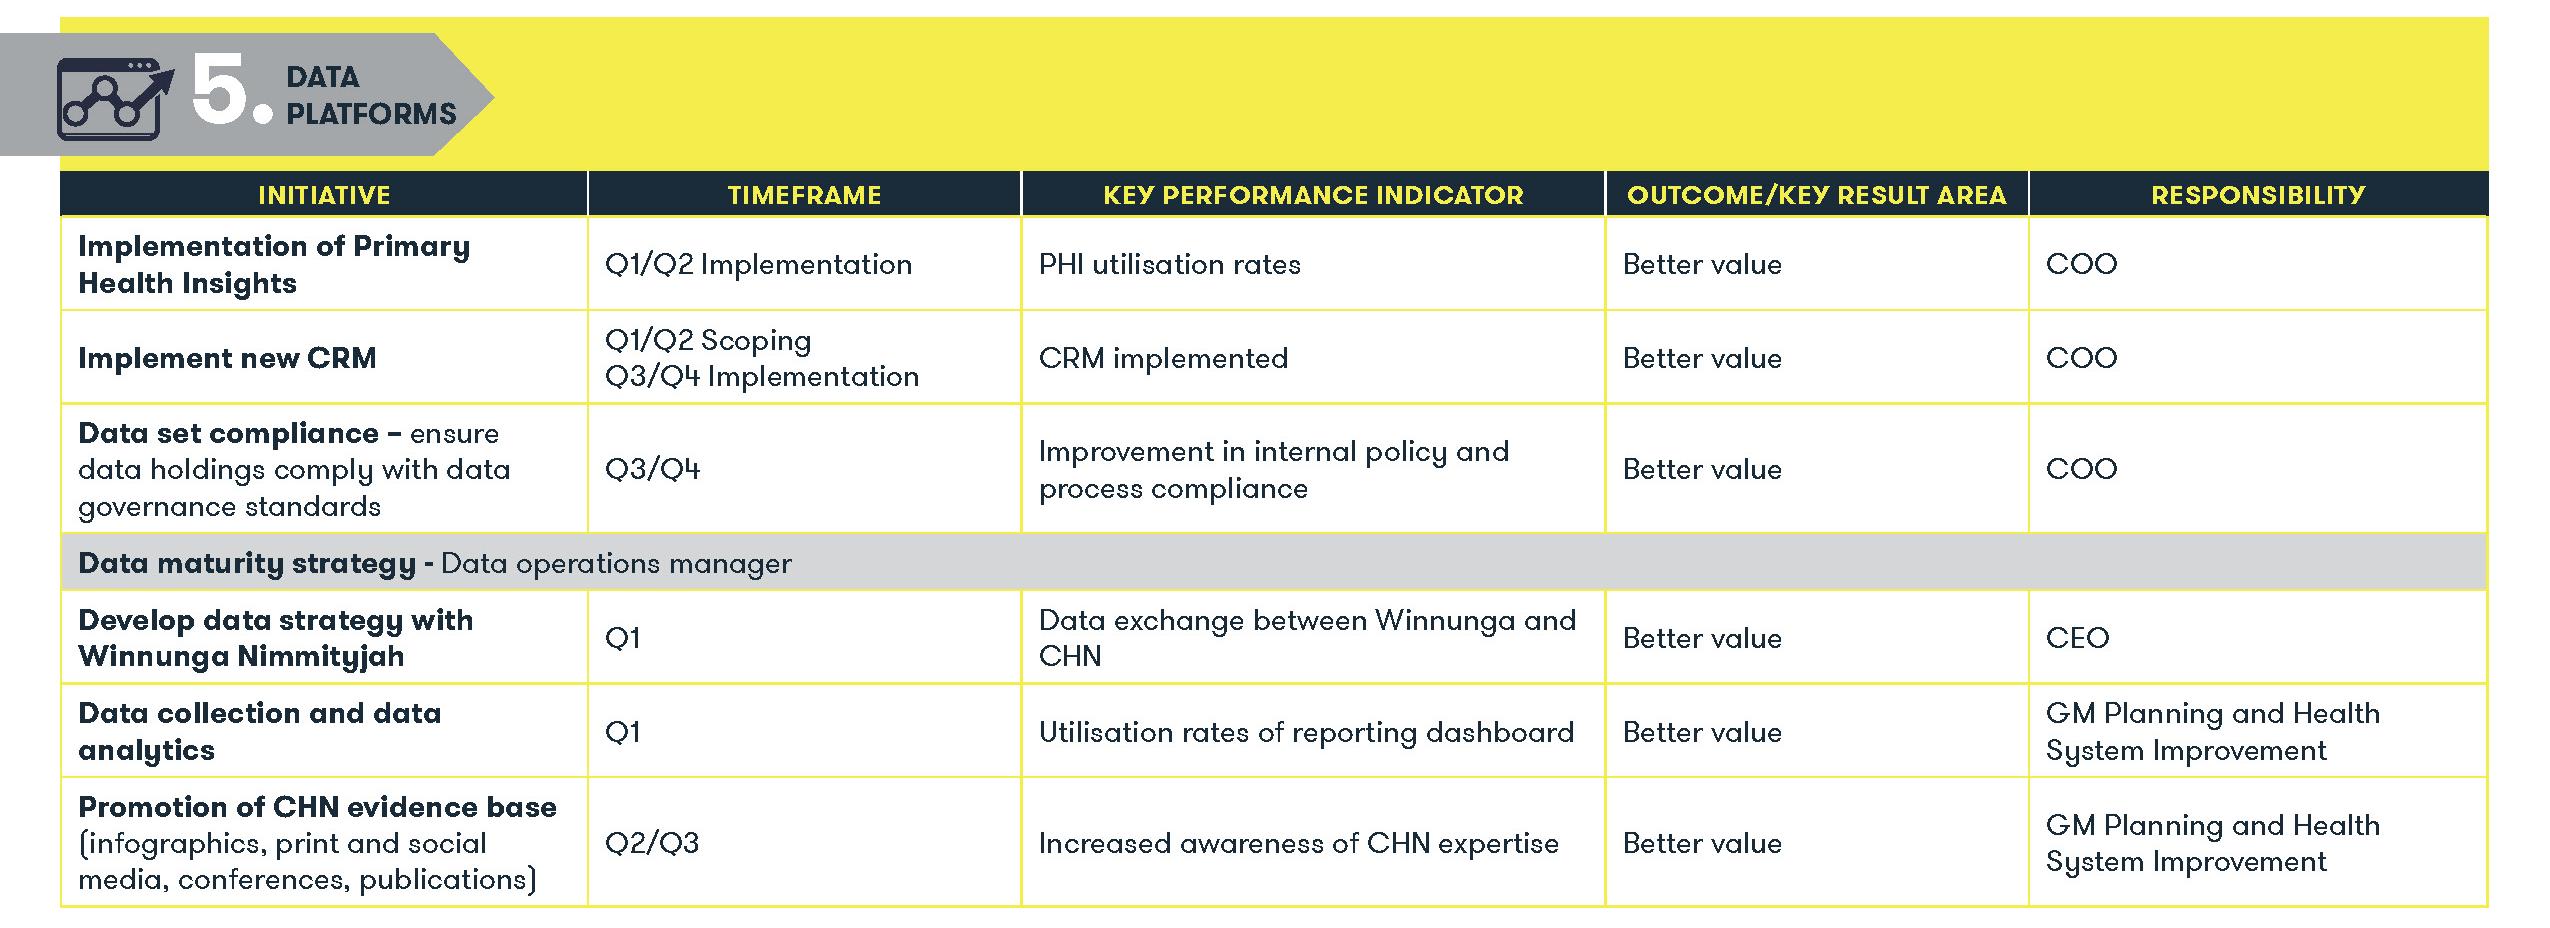 5. Data Platforms